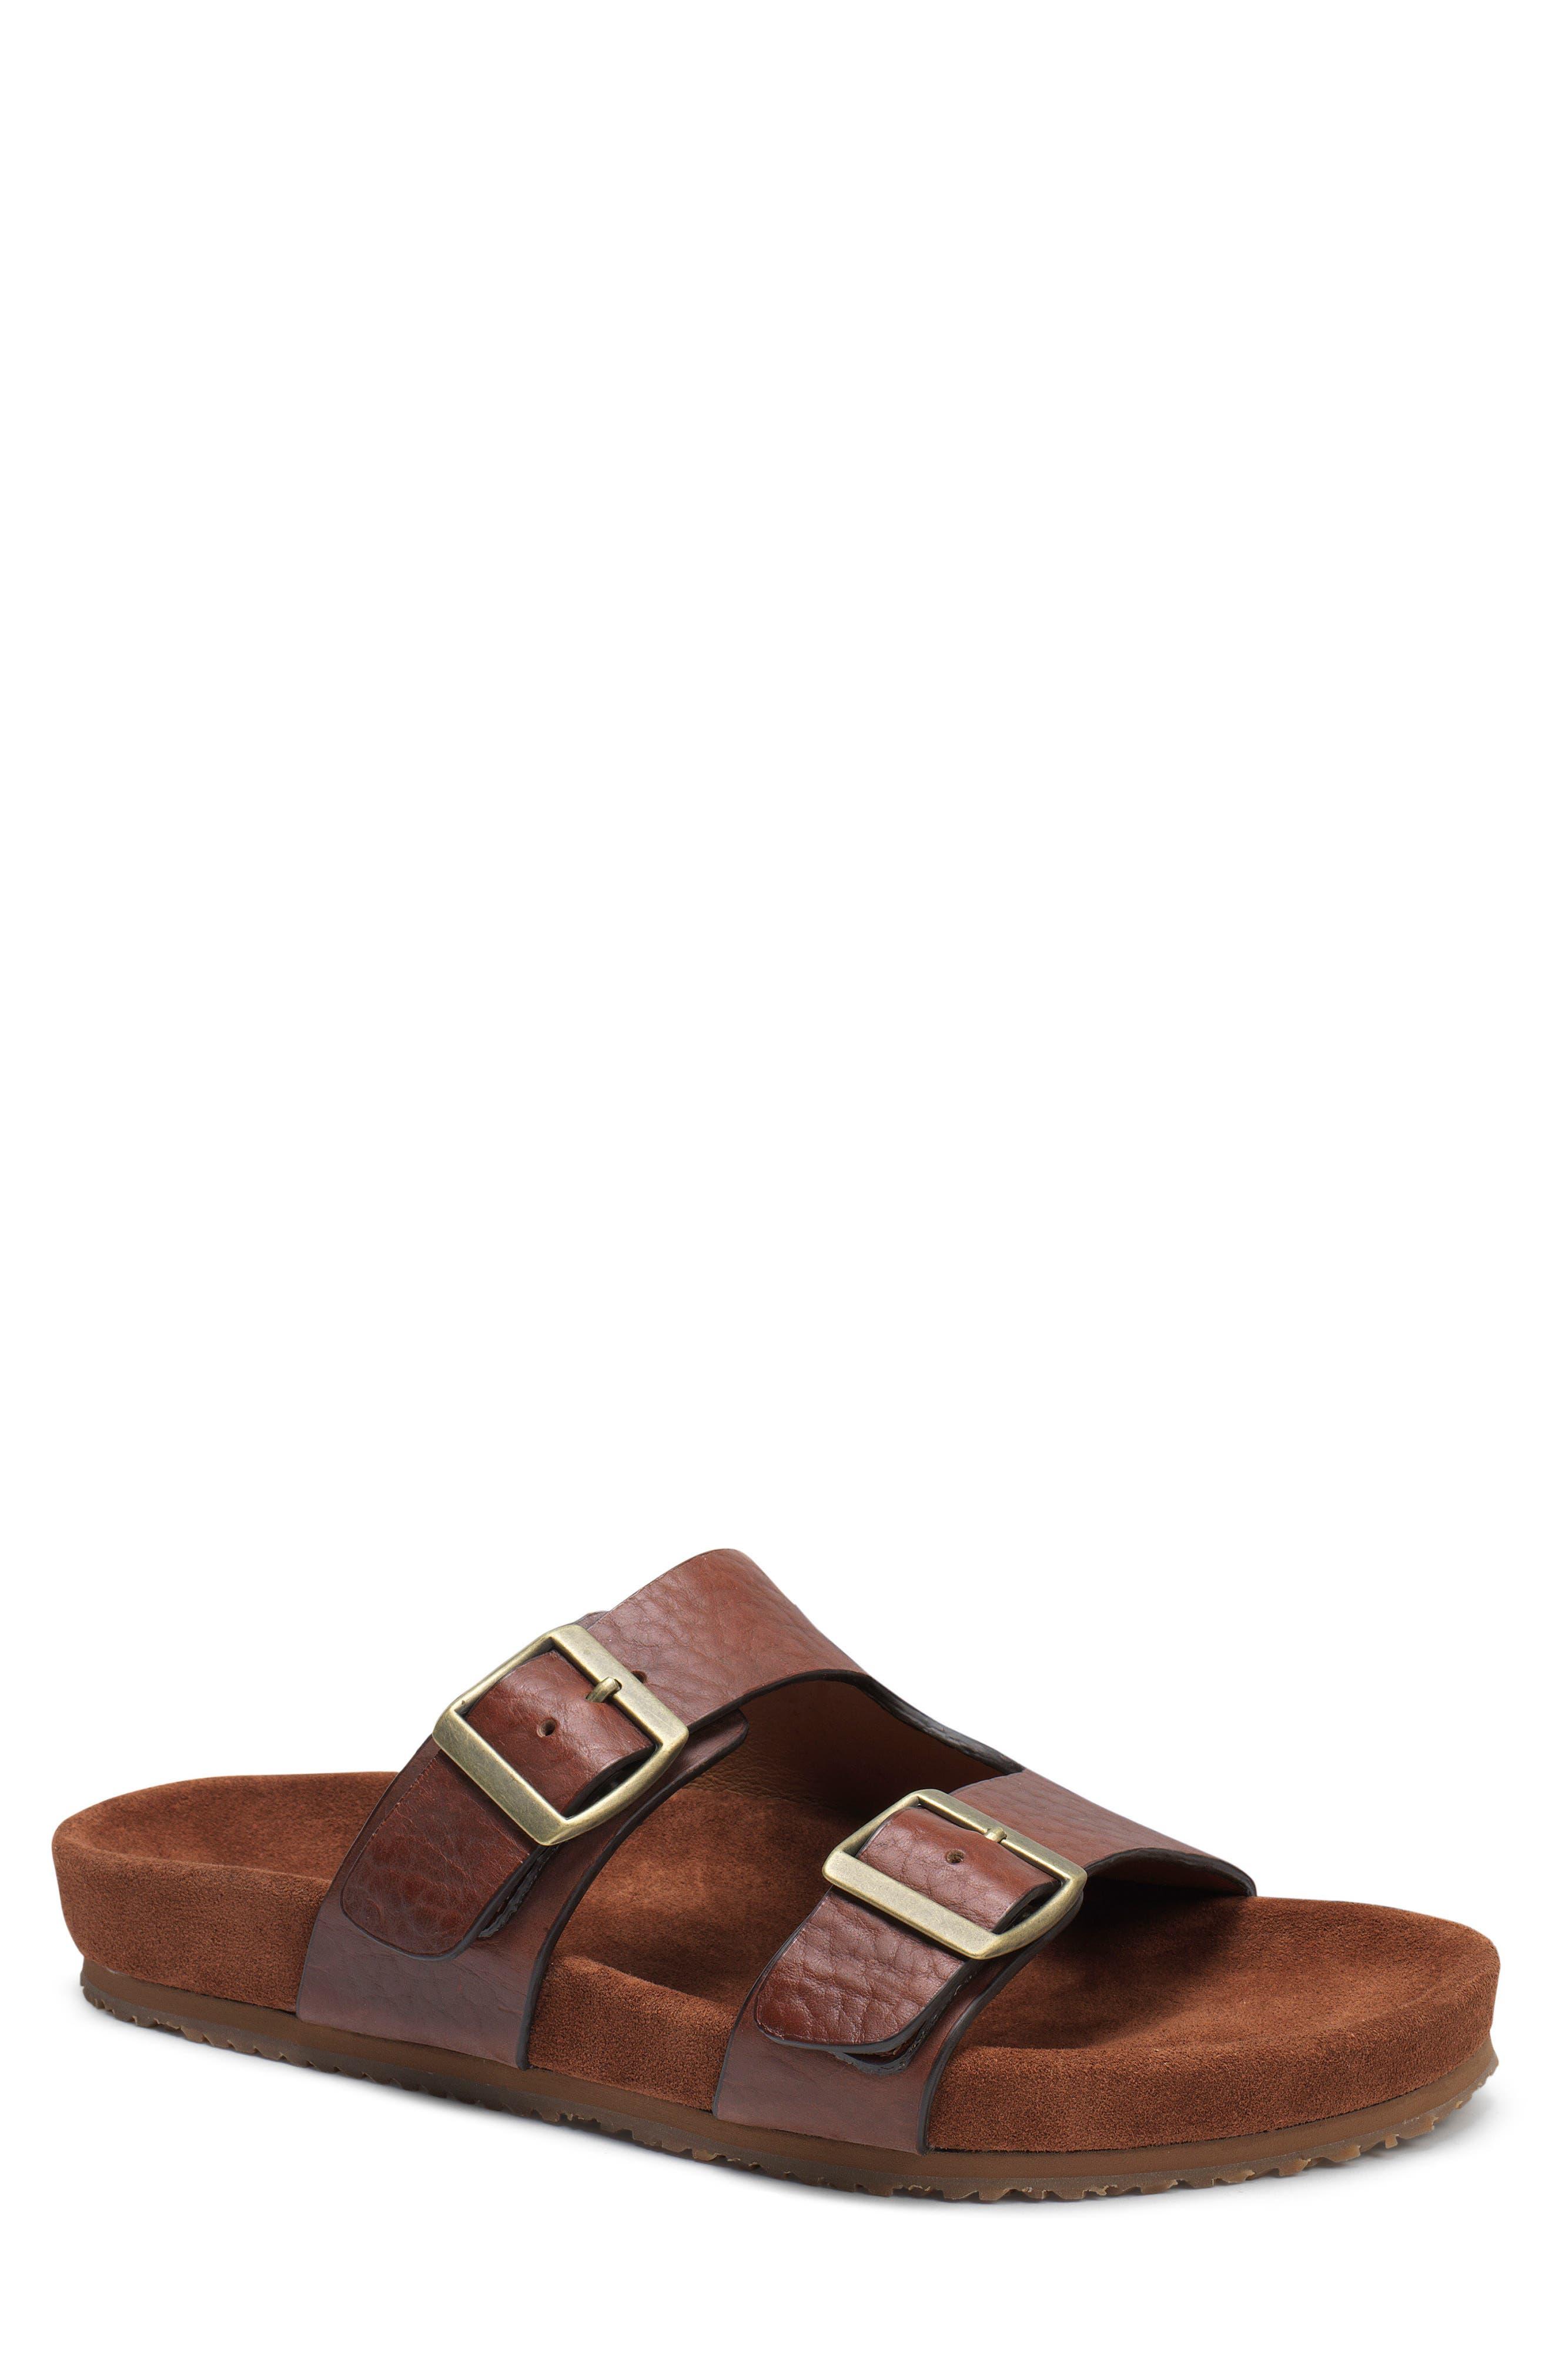 Trask Findley Slide Sandal, Brown